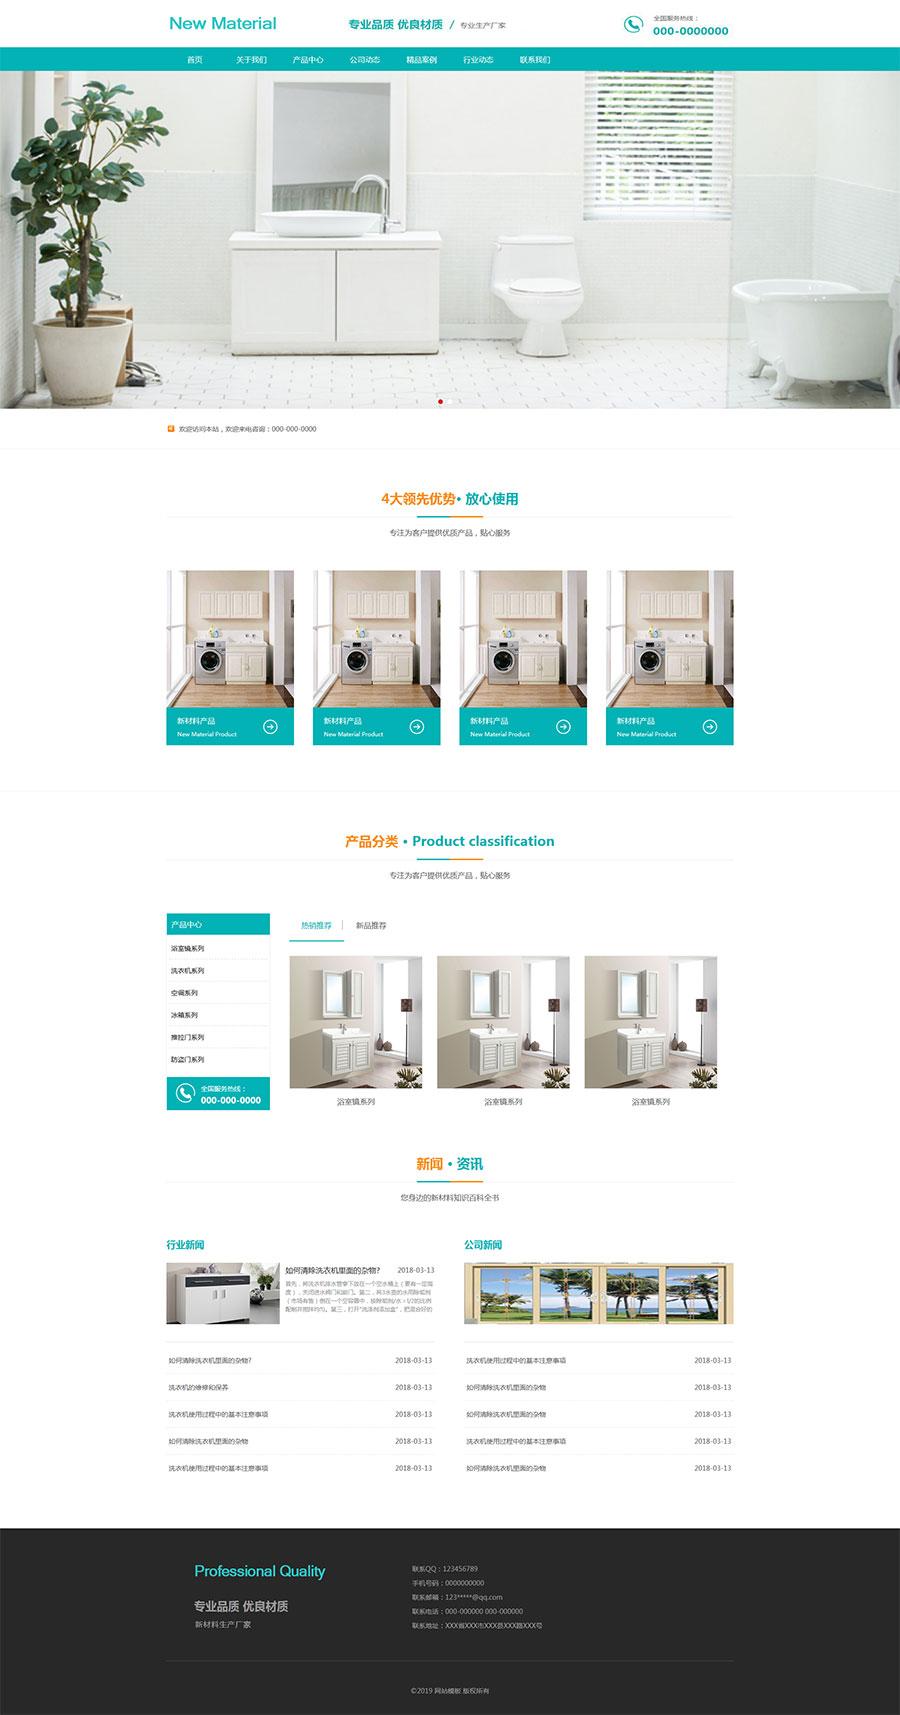 蓝色简洁大气的新材料生产厂家网站模板